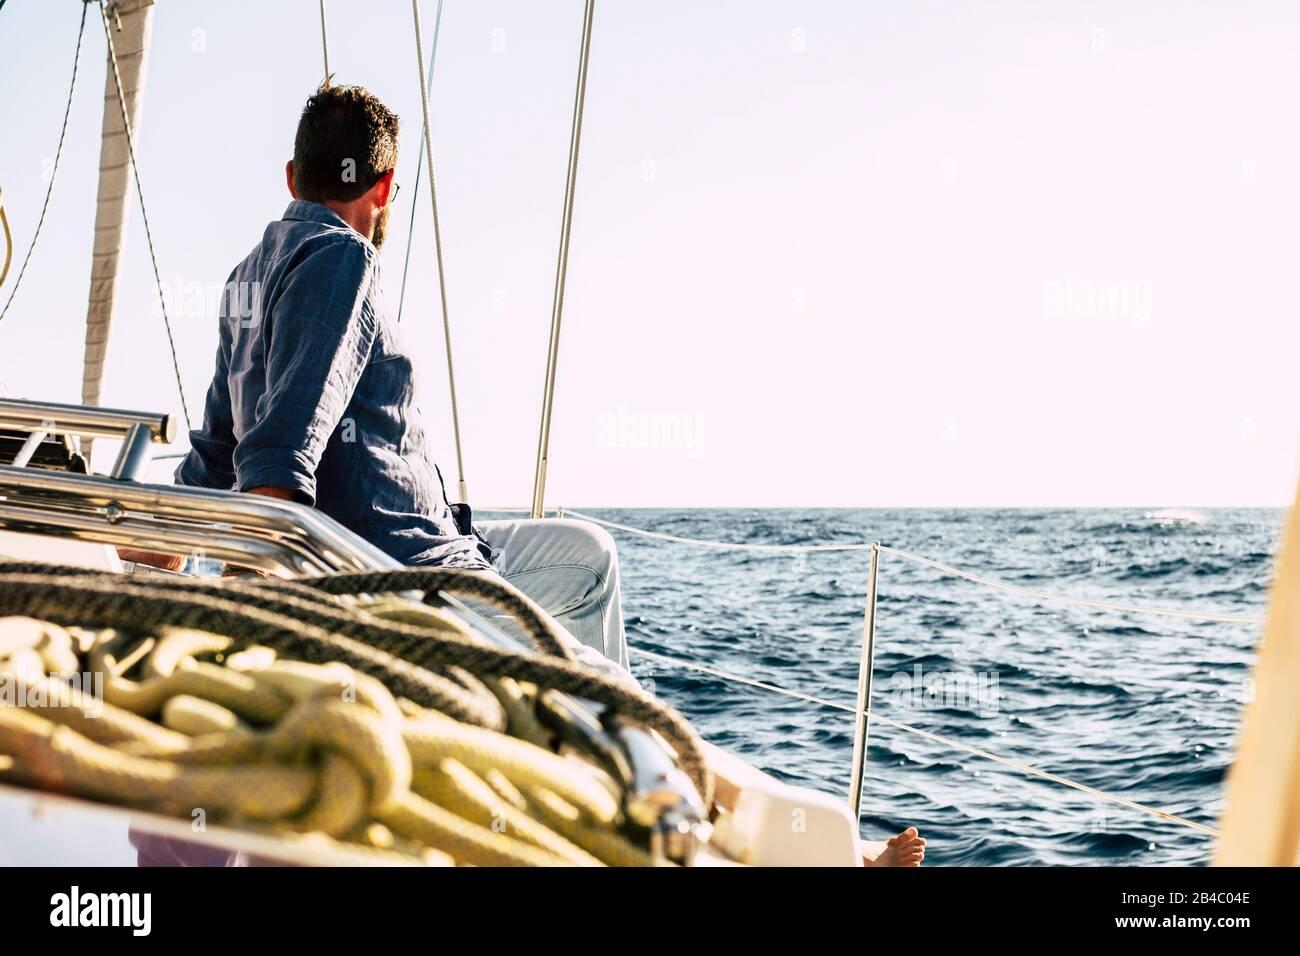 Hombre libre disfrutando de la actividad de ocio al aire libre en un barco de vela con el océano azul alrededor - concepto de vacaciones de verano de lujo - gente feliz navegando con la naturaleza y buen tiempo Foto de stock